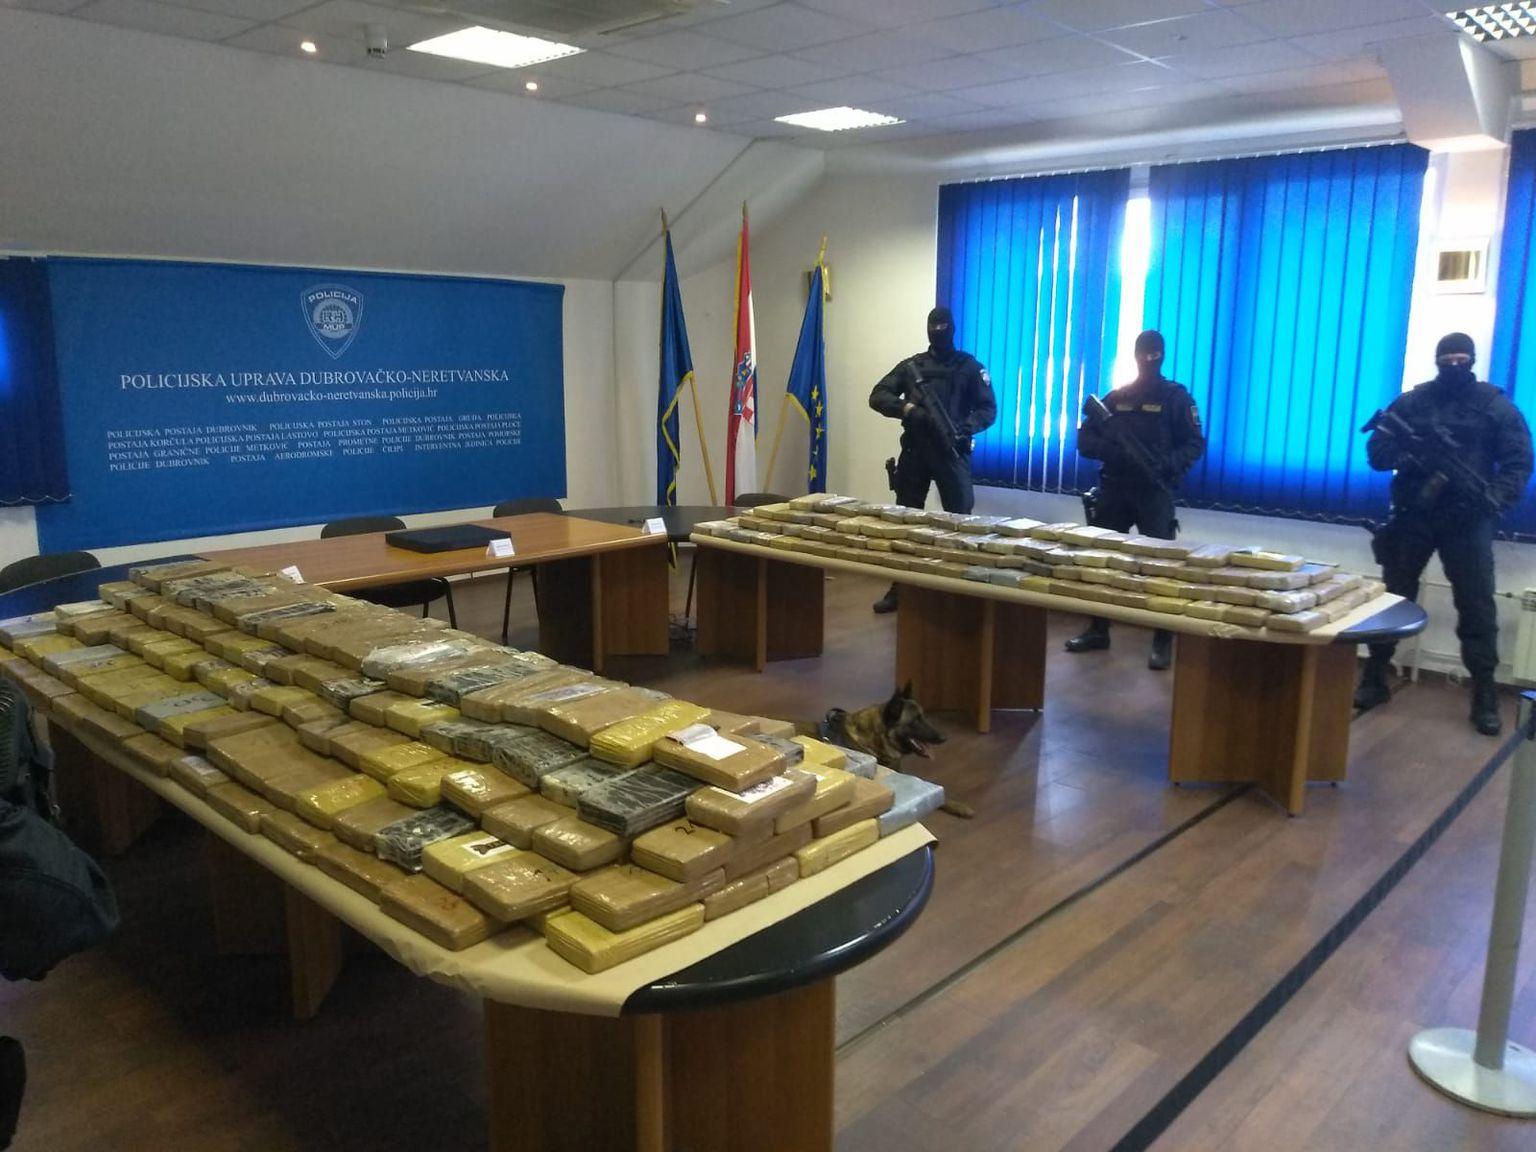 Κροατία: Νέα στοιχεία στη δημοσιότητα για την υπόθεση 585 κιλών κοκαΐνης που βρέθηκαν στο λιμάνι του Ploče